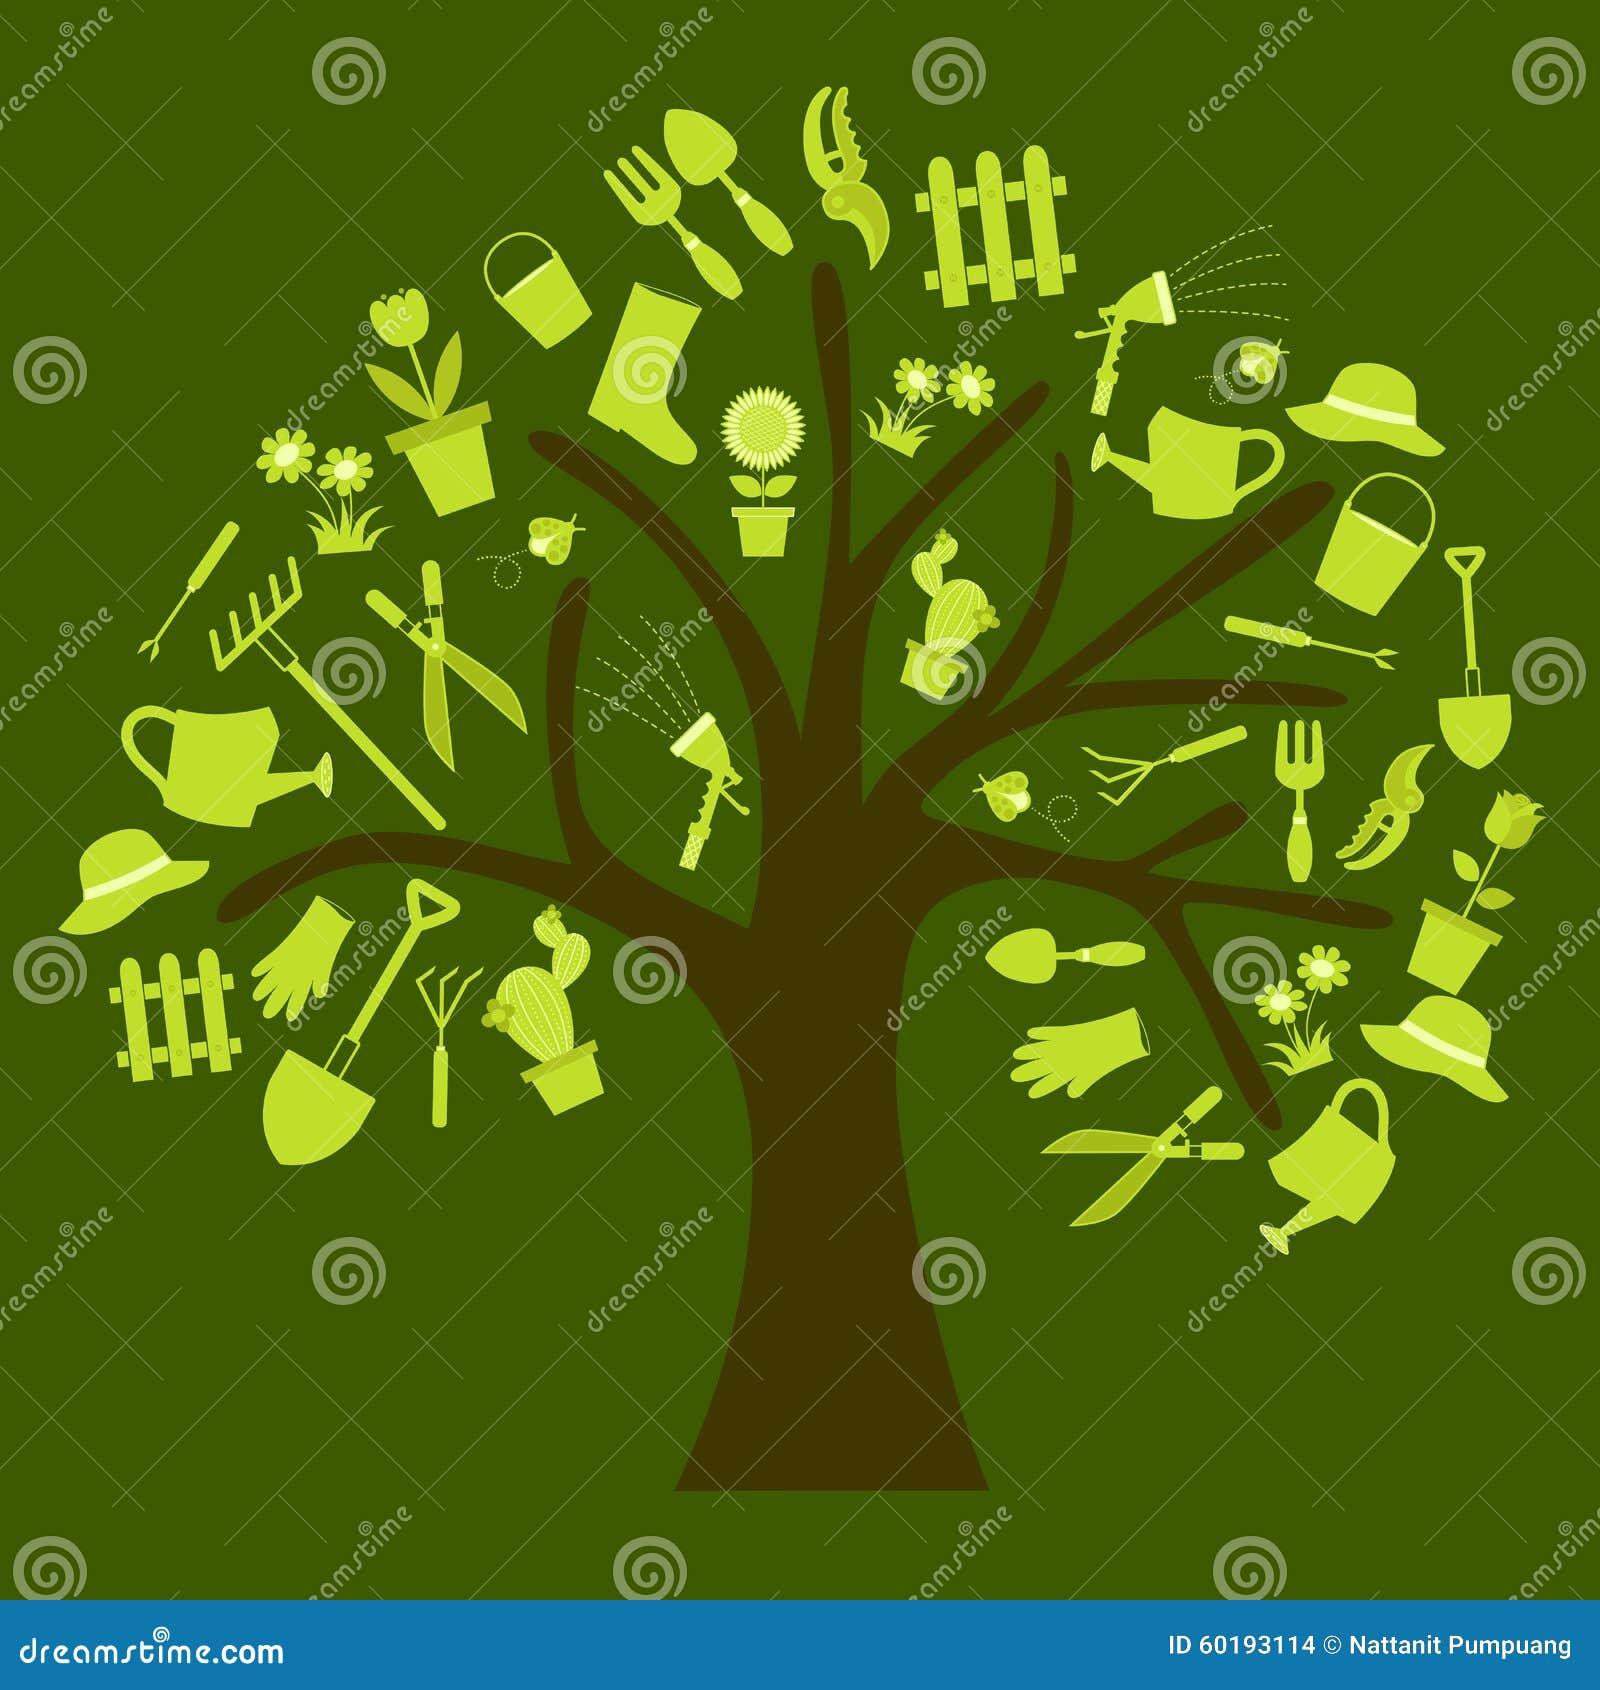 Garden tools tree stock vector. Illustration of garden - 60193114